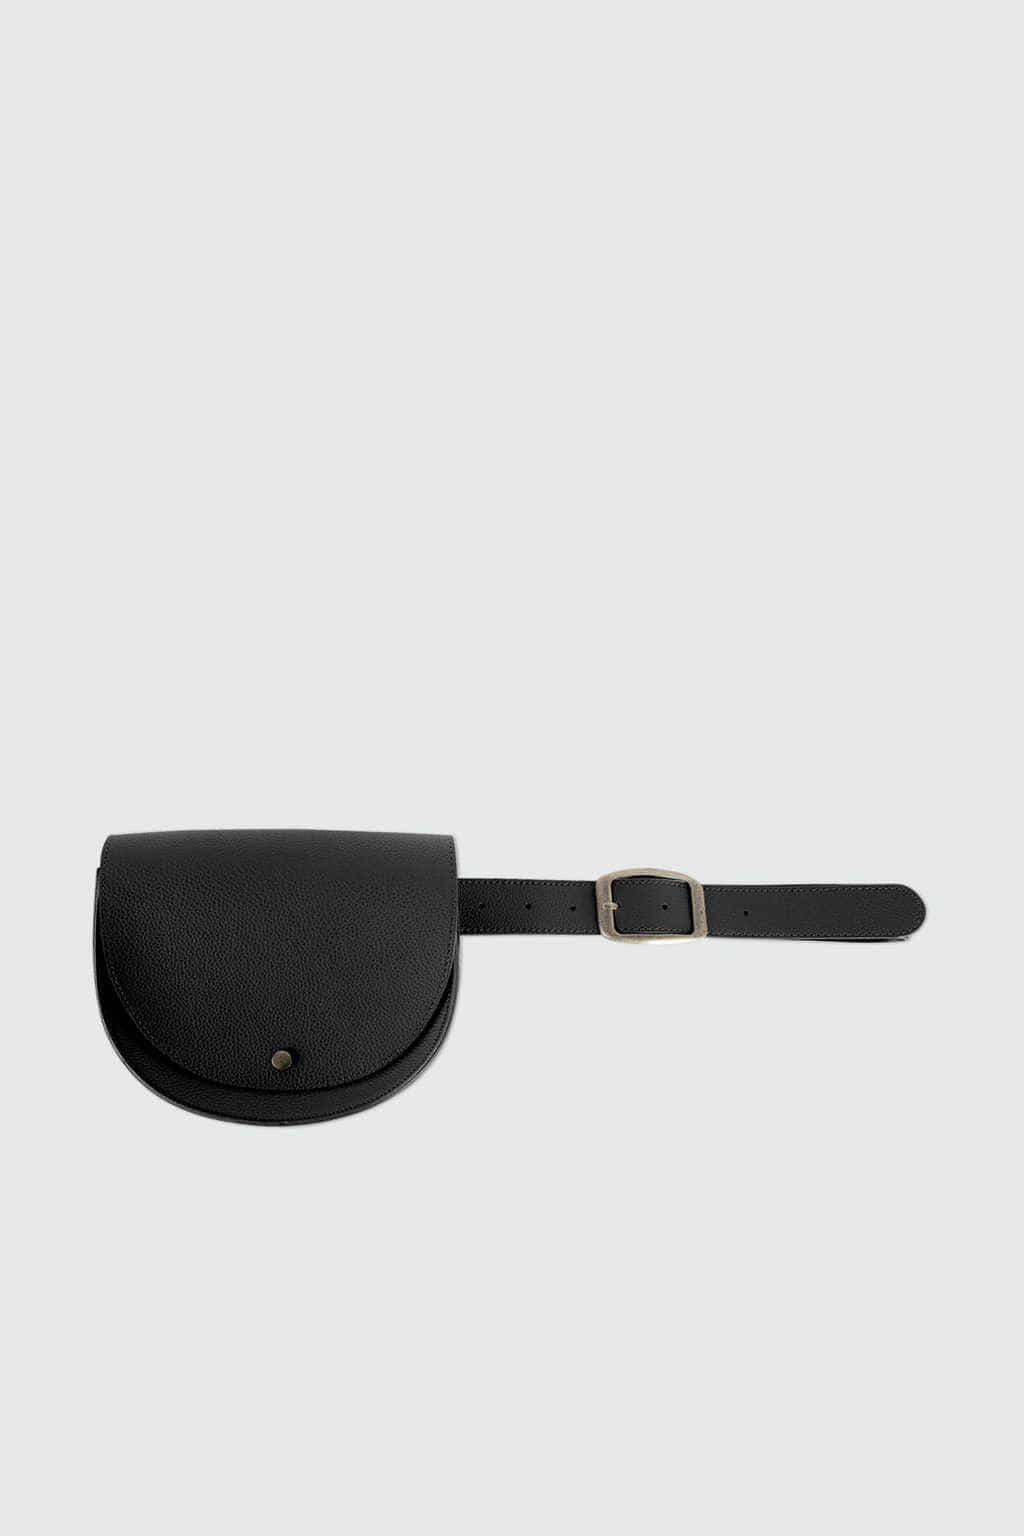 Waist Bag J001 Black 3